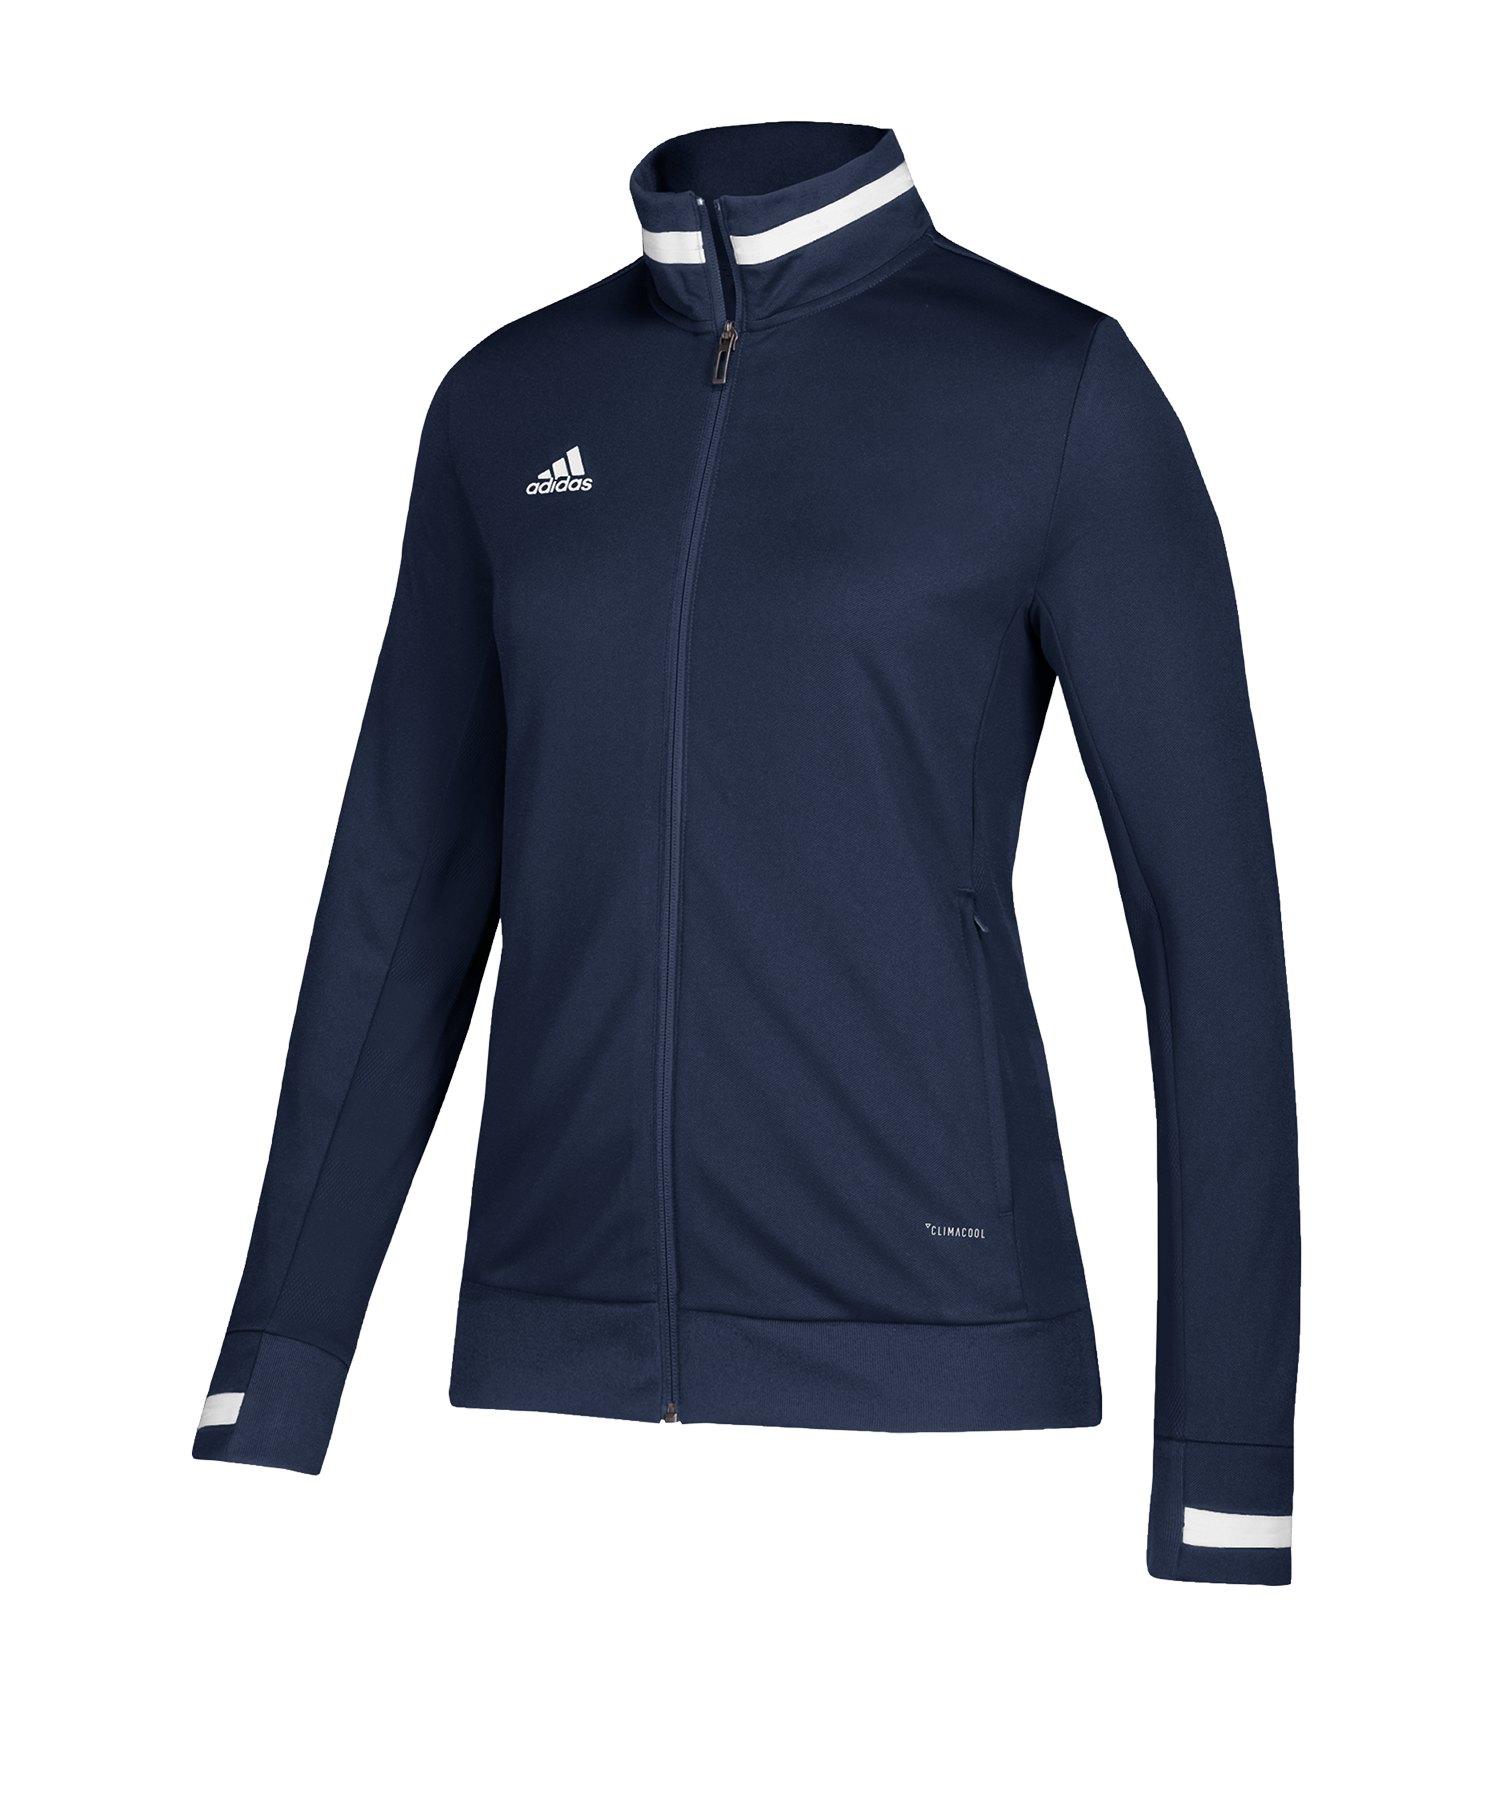 adidas Team 19 Track Jacket Damen Blau Weiss